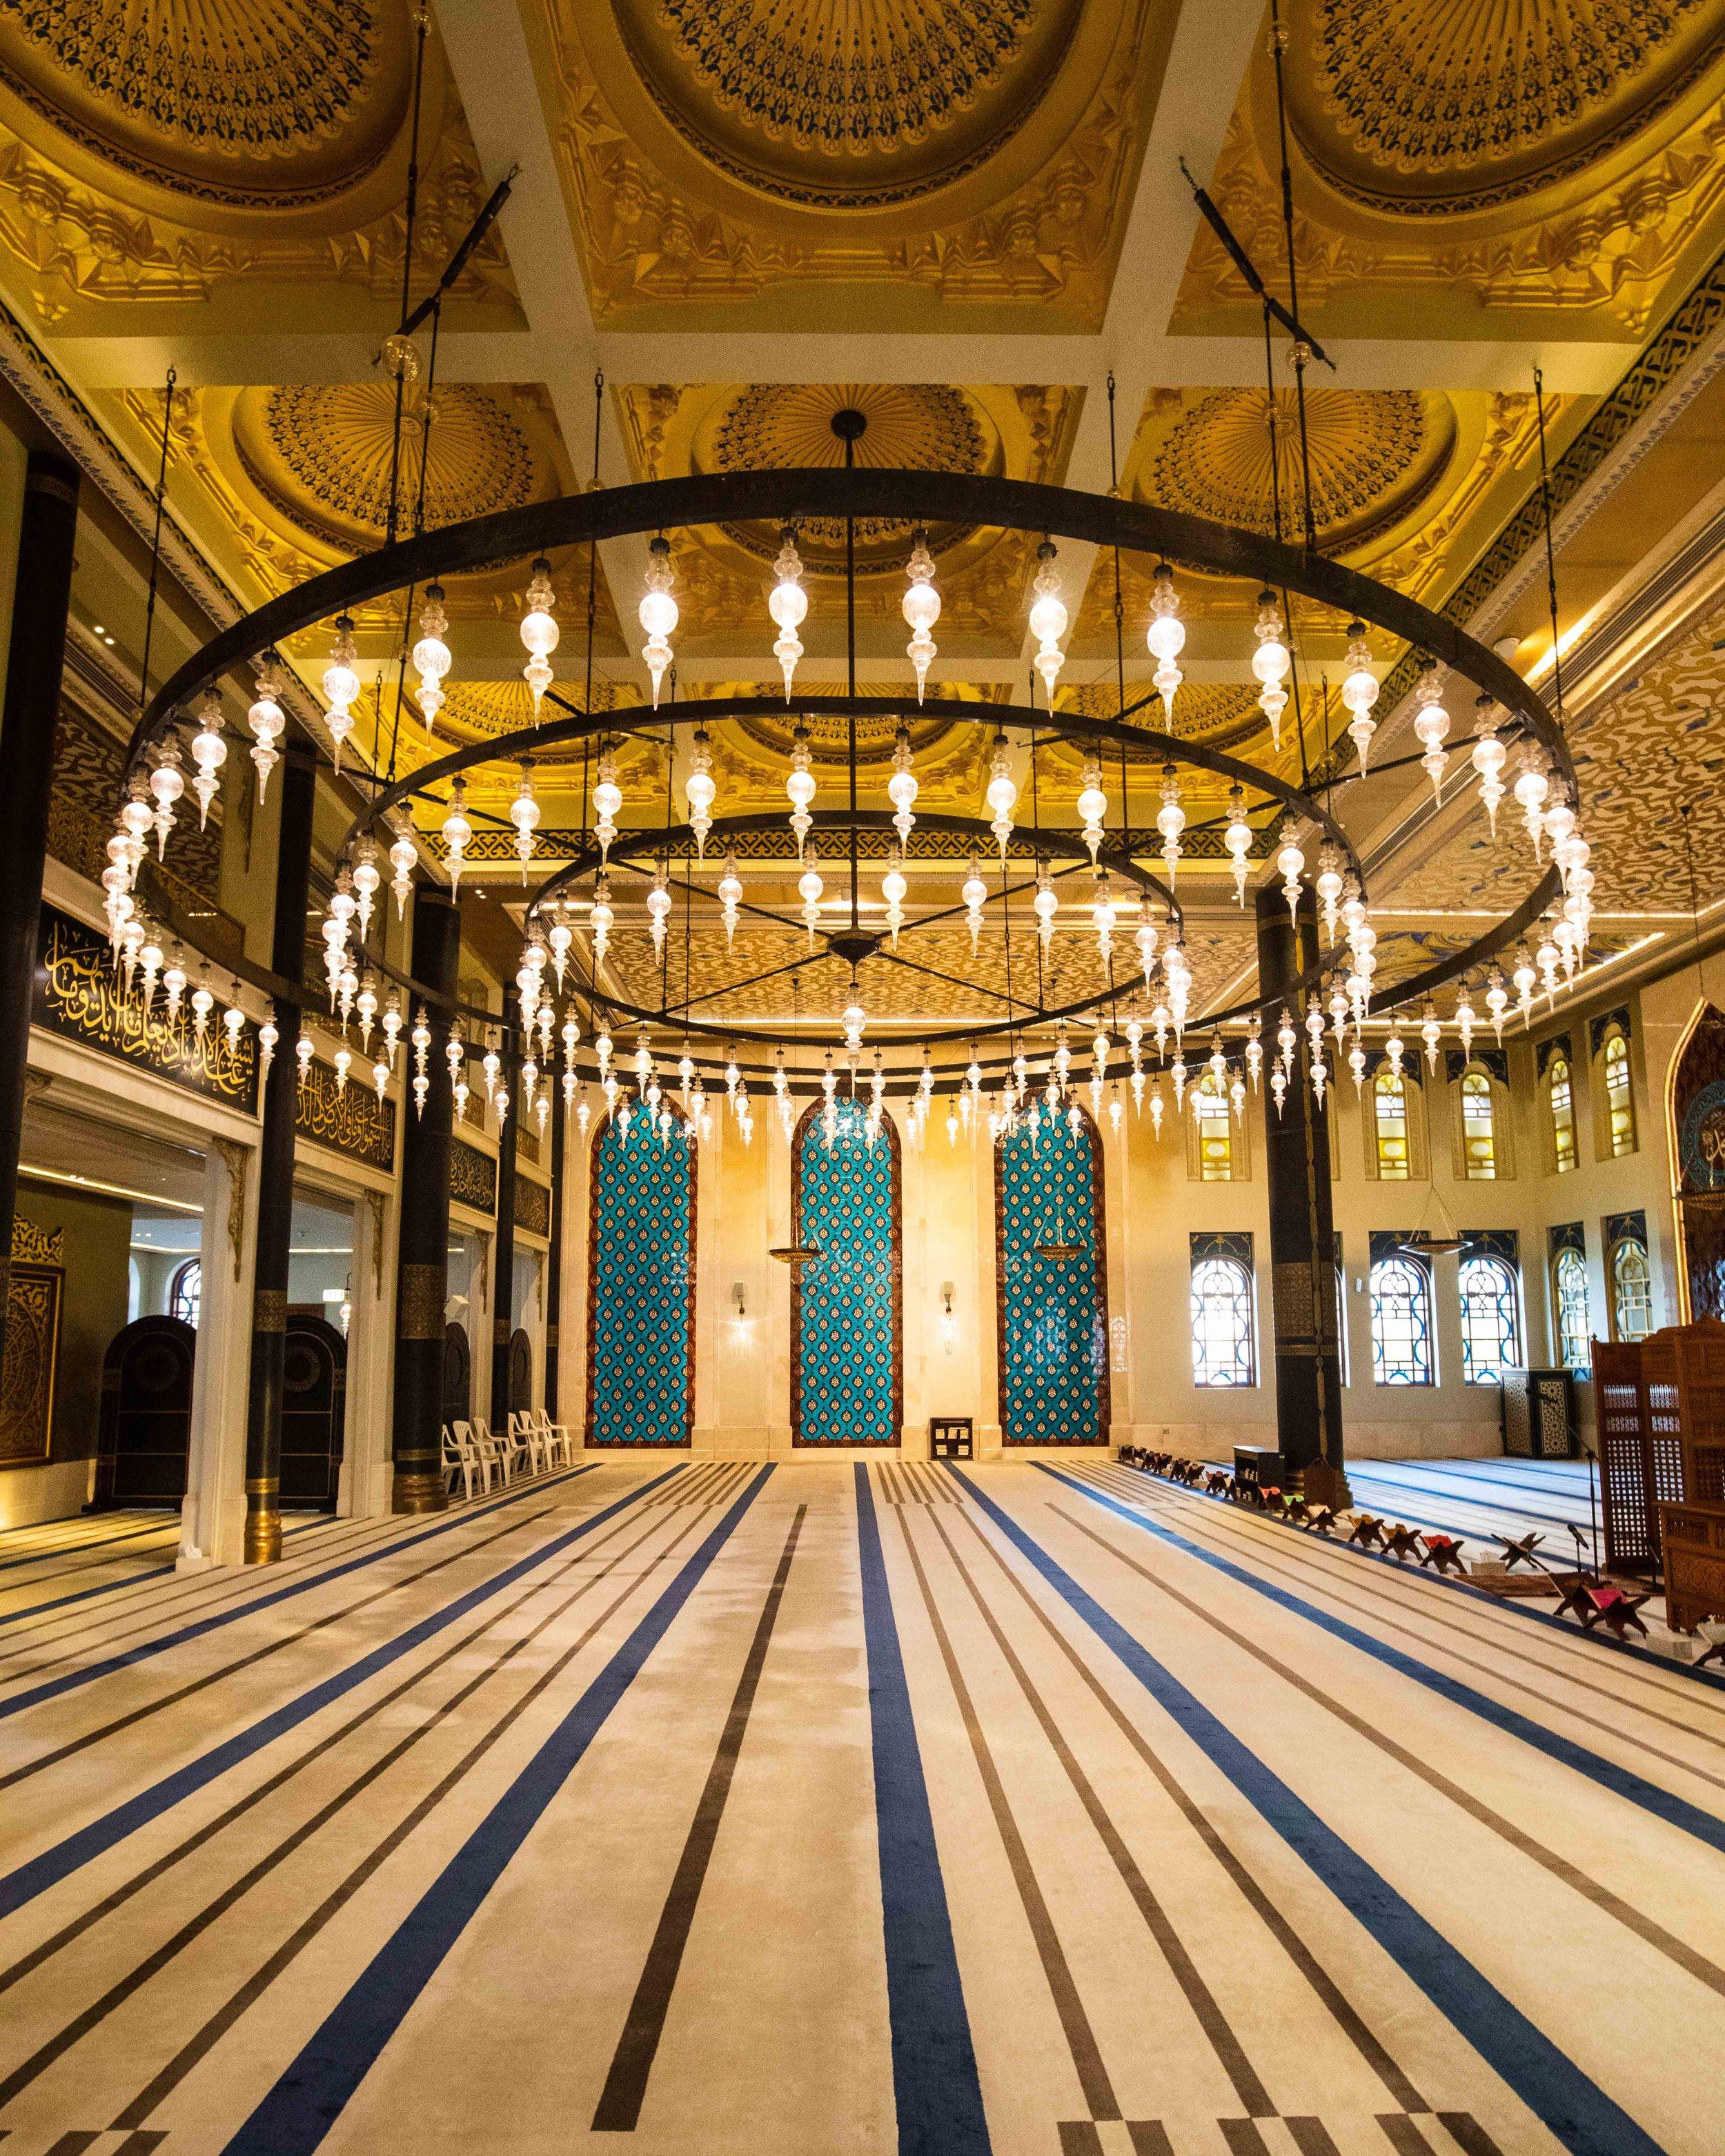 Katari Mosque interior